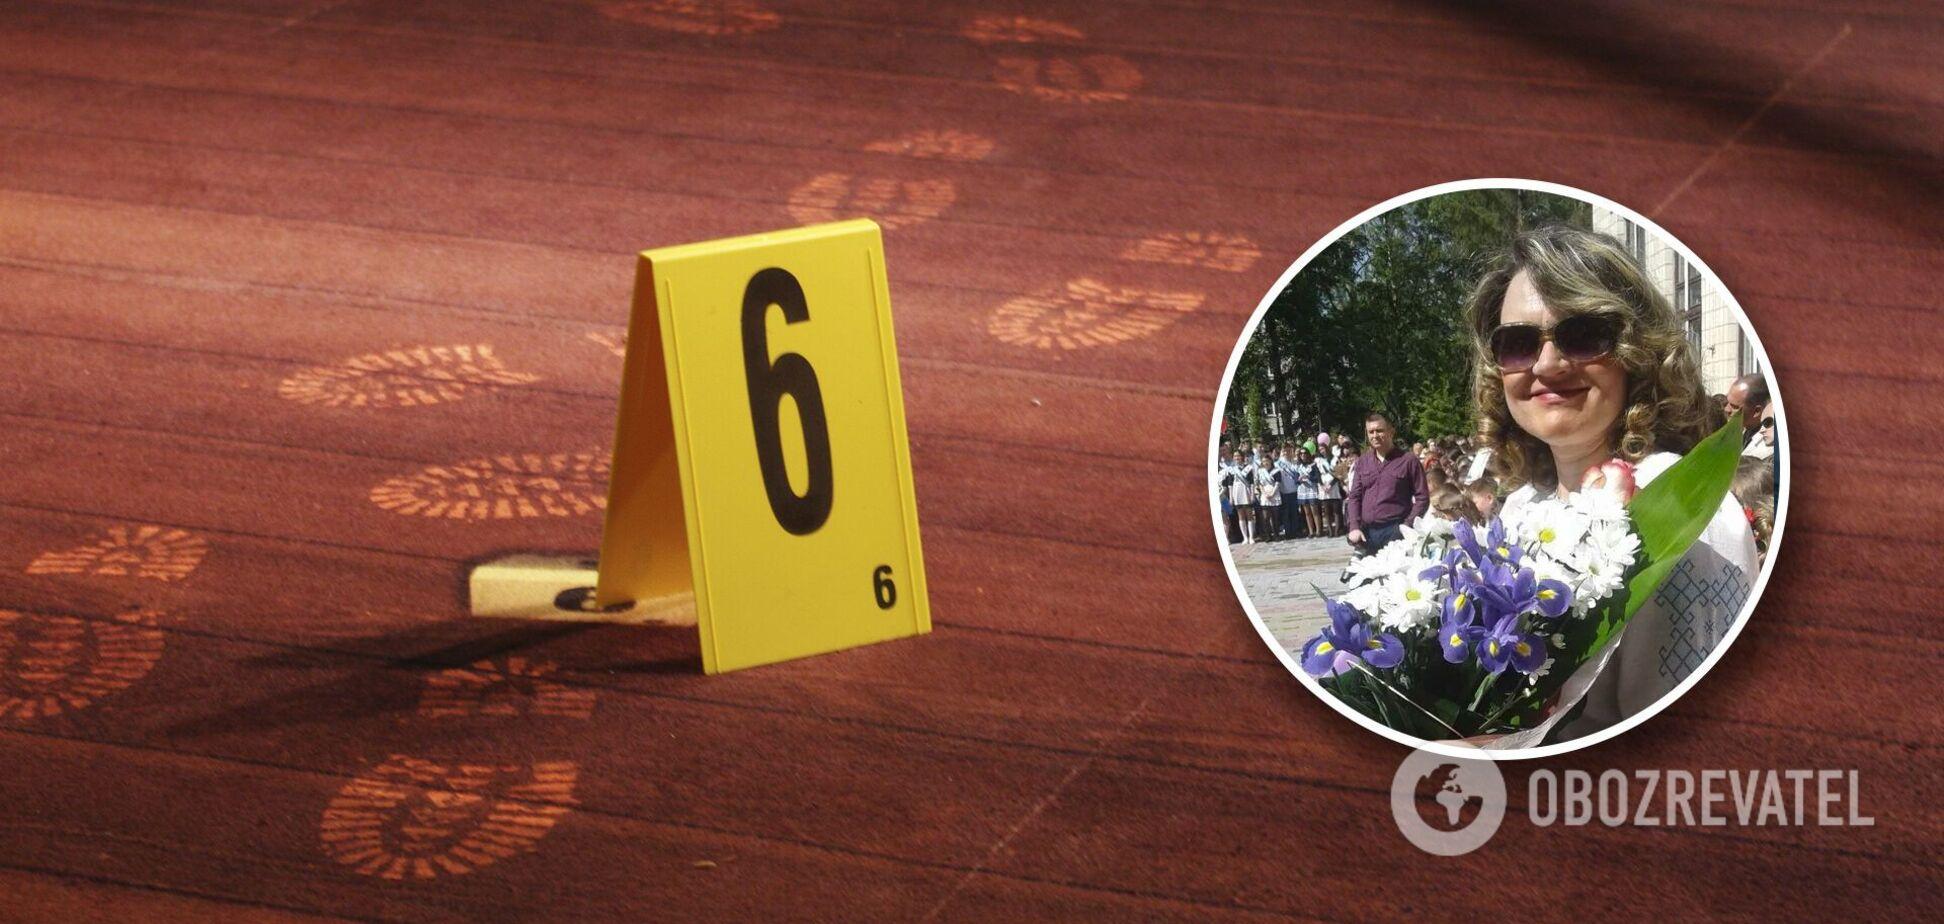 У Тернополі вбили завучку школи, а підозрюваний повісився. Ексклюзивні деталі